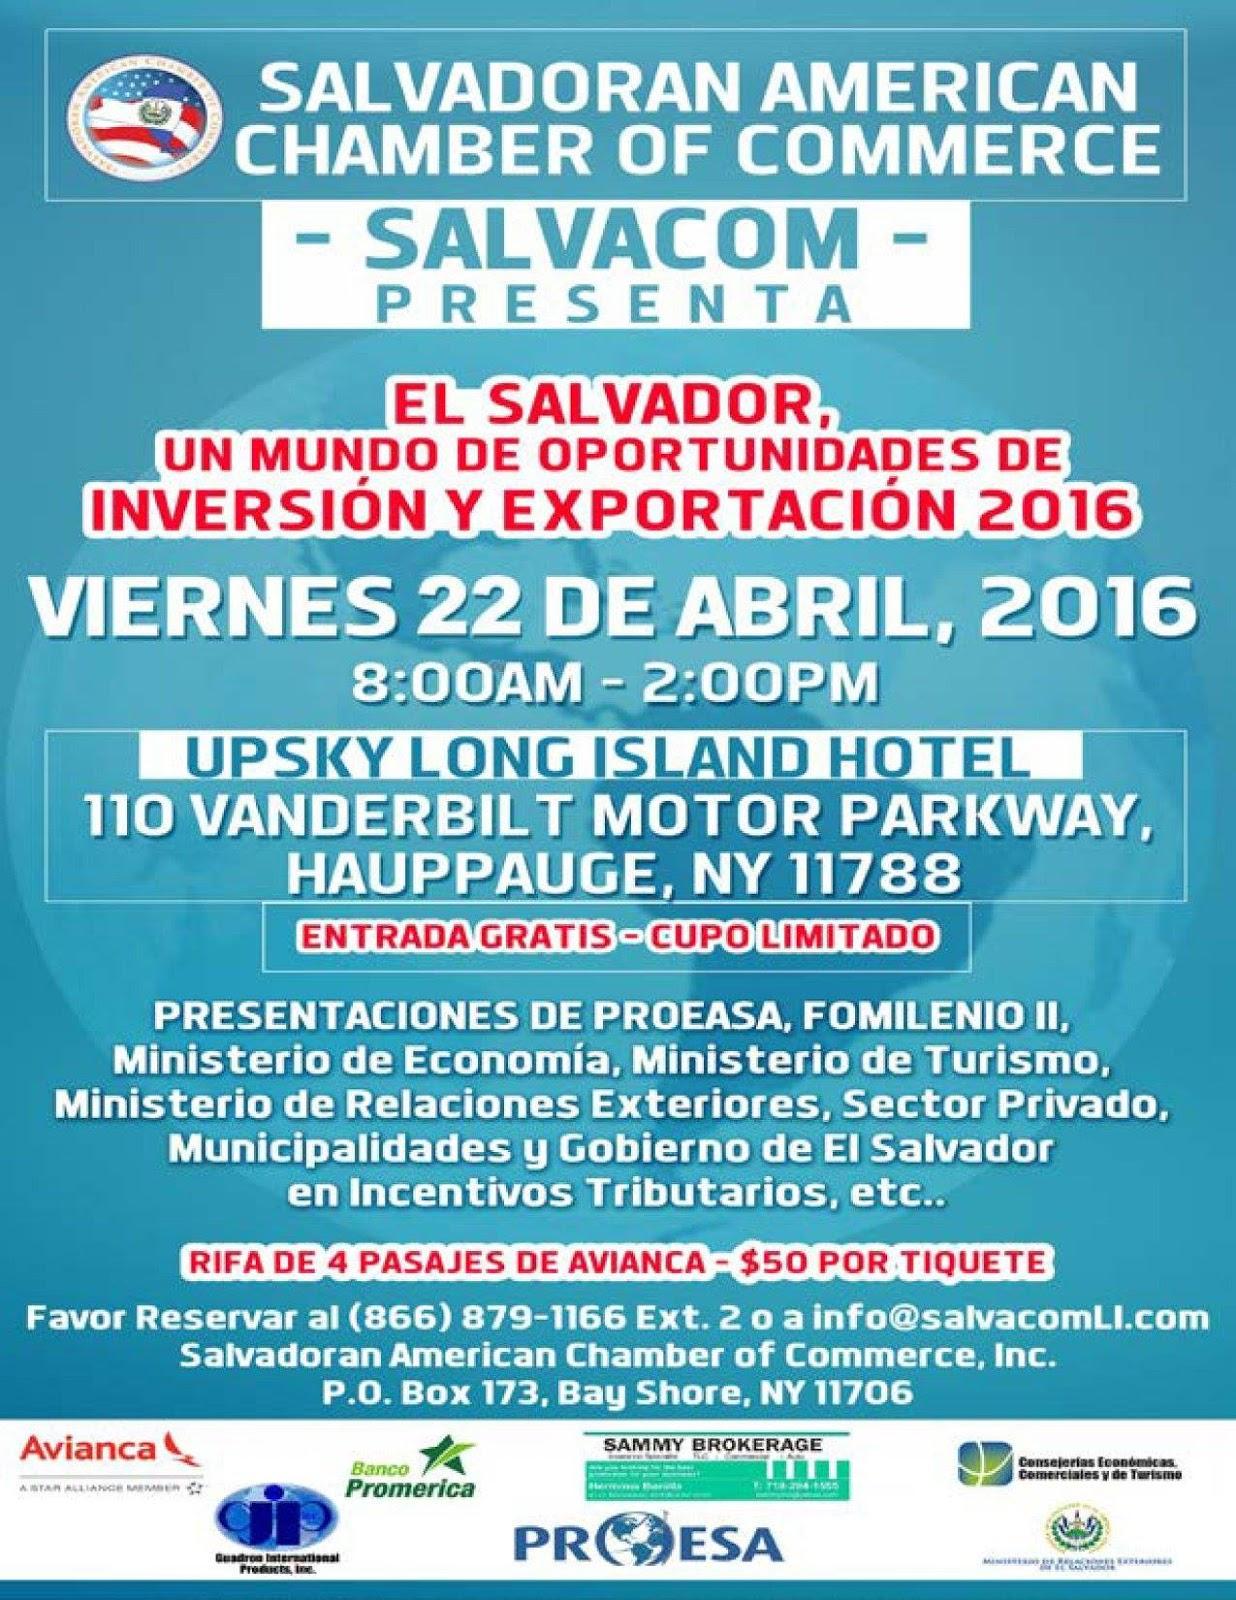 FORO - SALVADOREÑOS EN LONG ISLAND: abril 2016